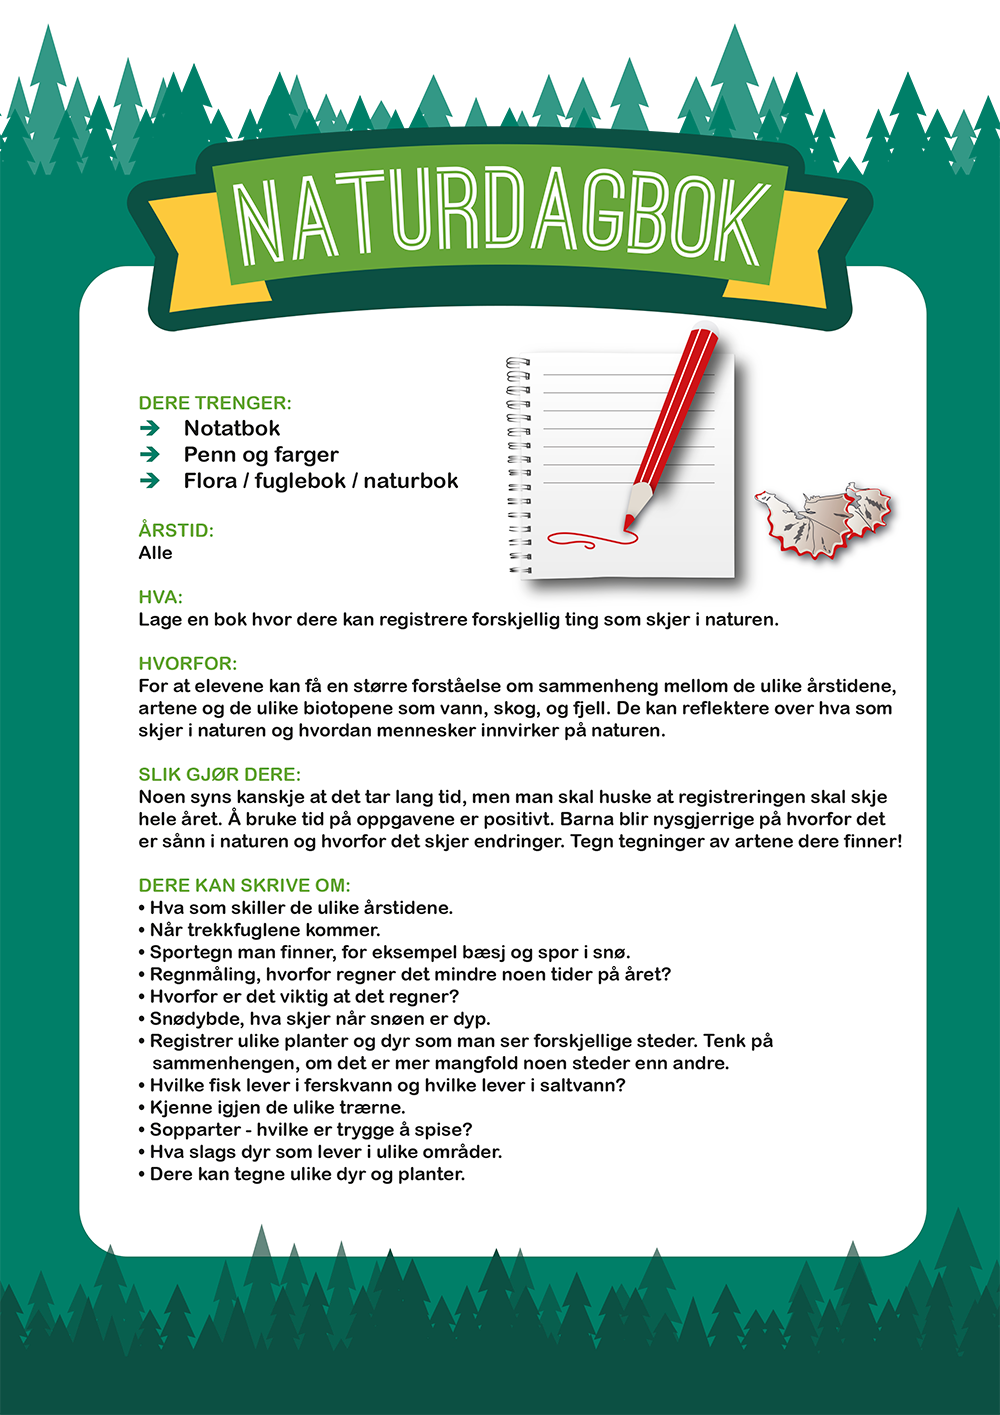 Naturdagbok